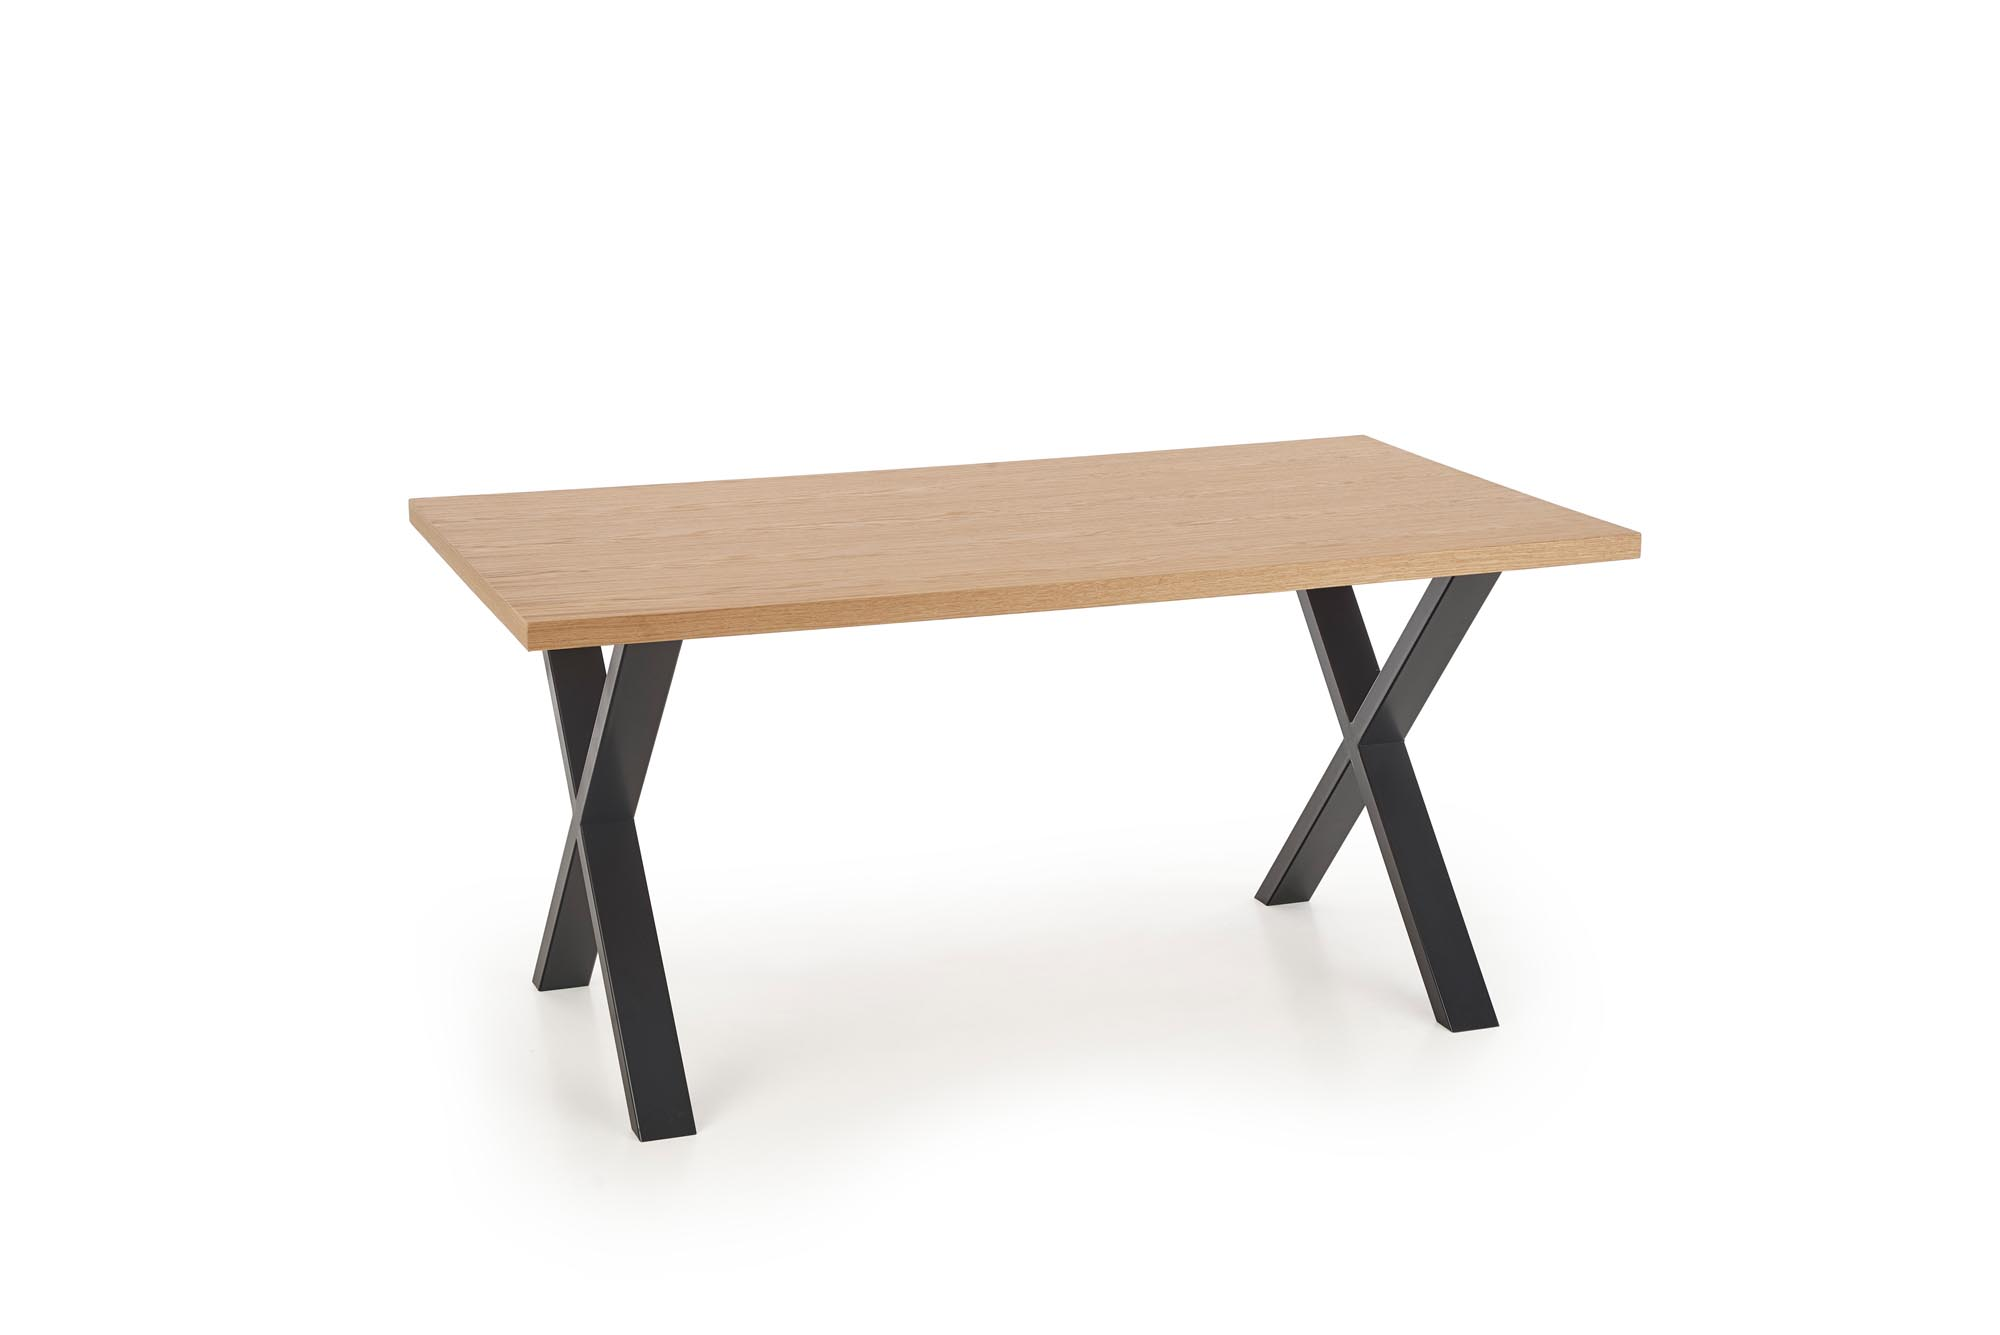 Jídelní stůl APEX 160/90 MDF, dub přírodní/černá